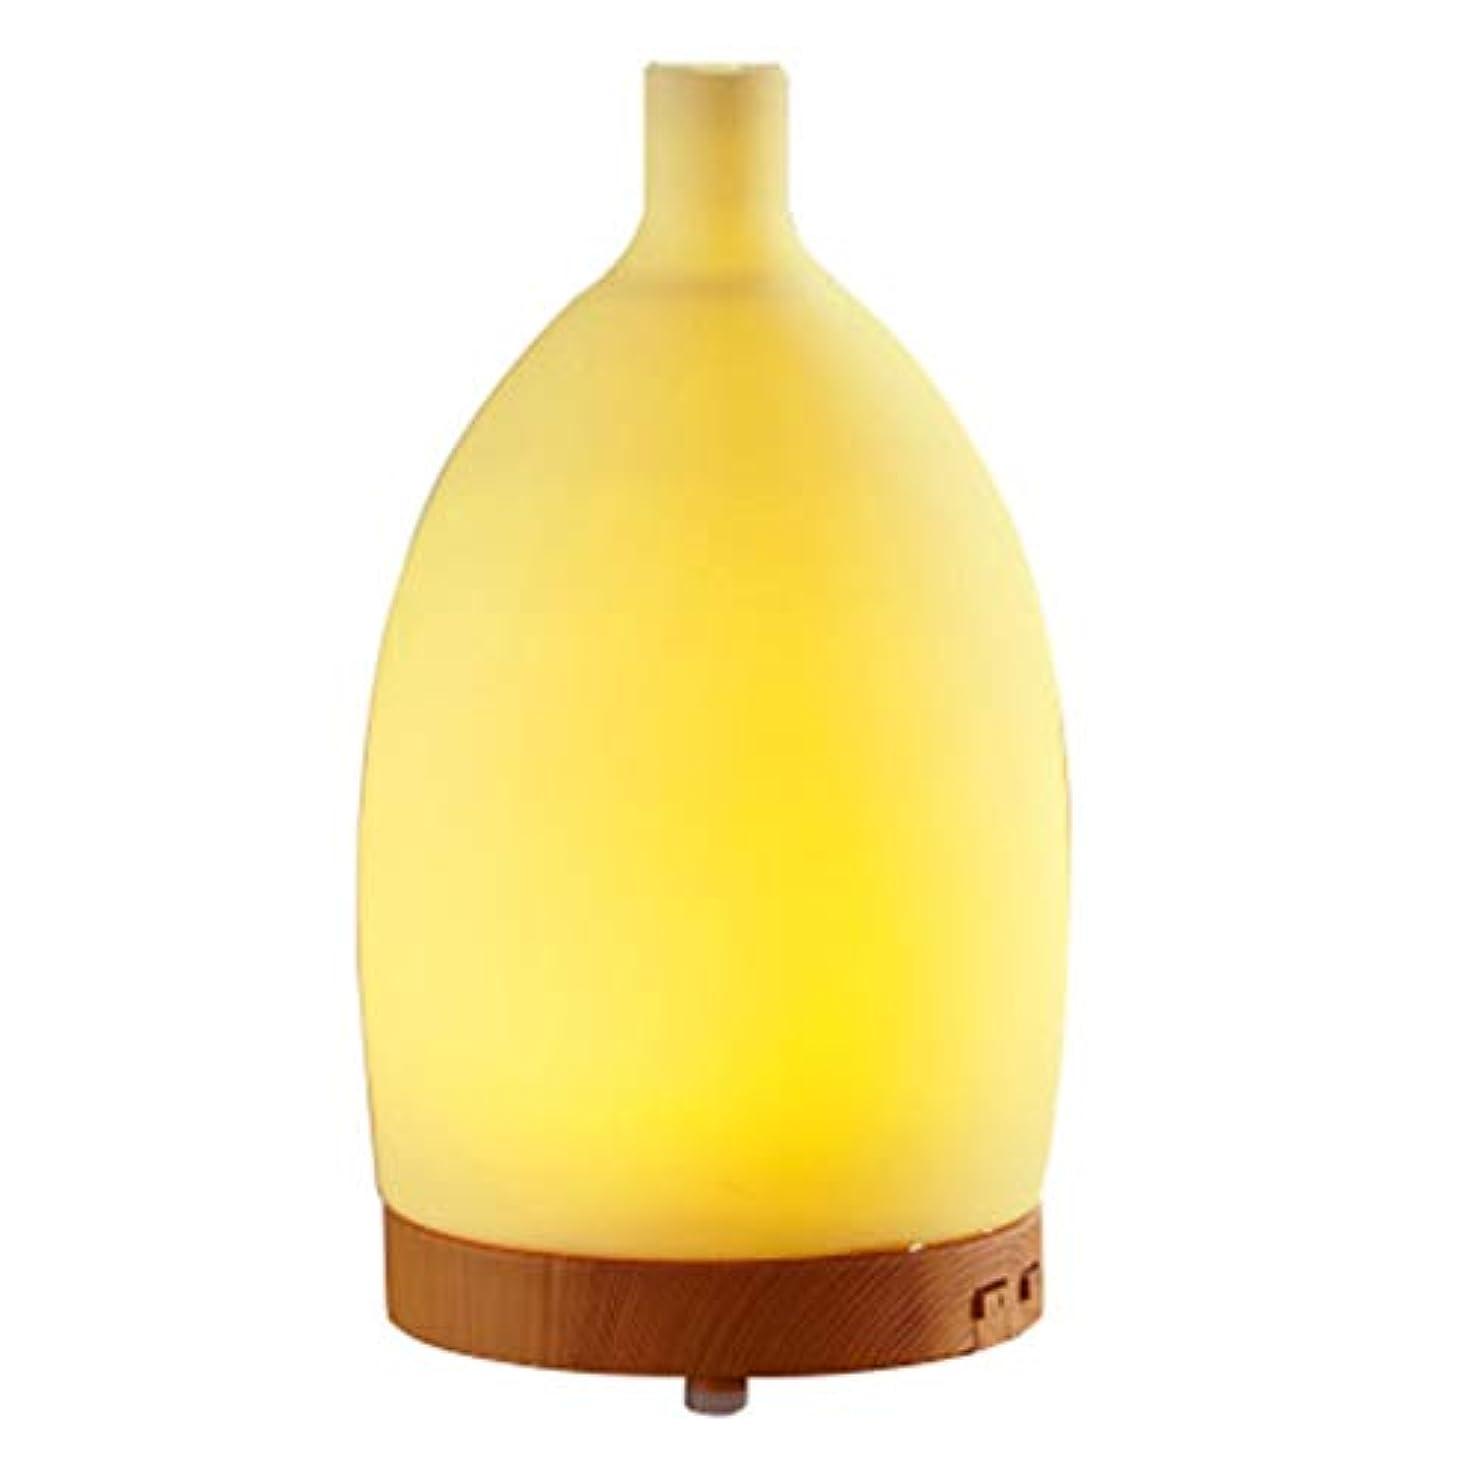 呪いコート硬さ7つの可変性の色LEDライトが付いている100mlシリコーンの花瓶の加湿器のための精油の拡散器は水の自動オフ浄化の空気を浄化します (Color : Colorful)